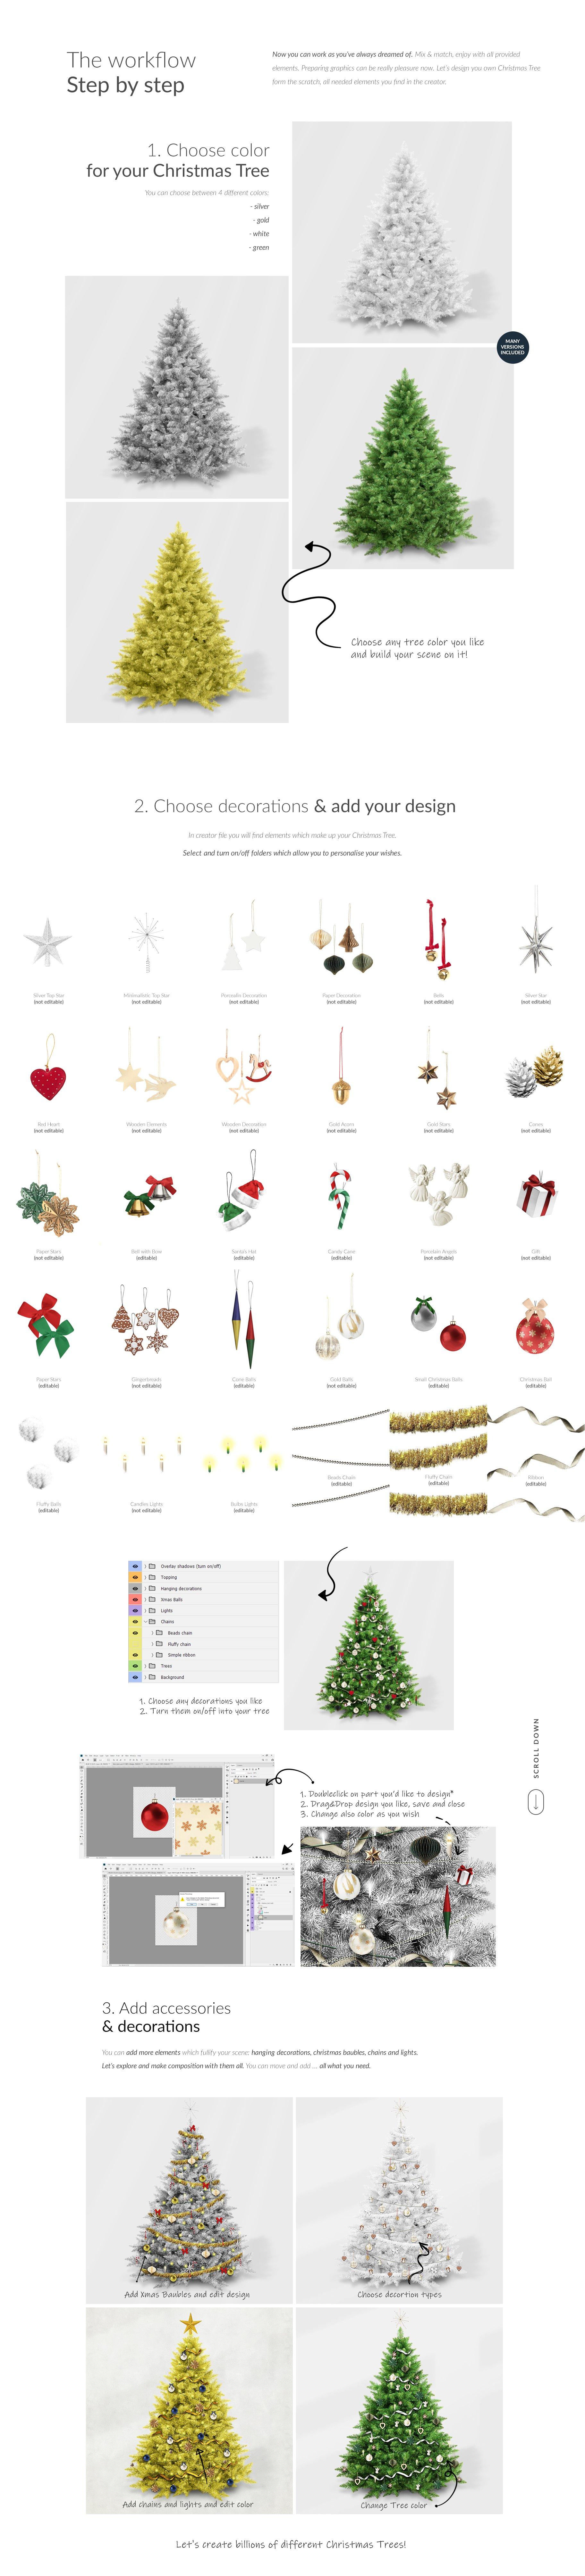 时尚圣诞树场景创造者装饰图案PSD素材 Christmas Tree Creator Mockup插图(3)